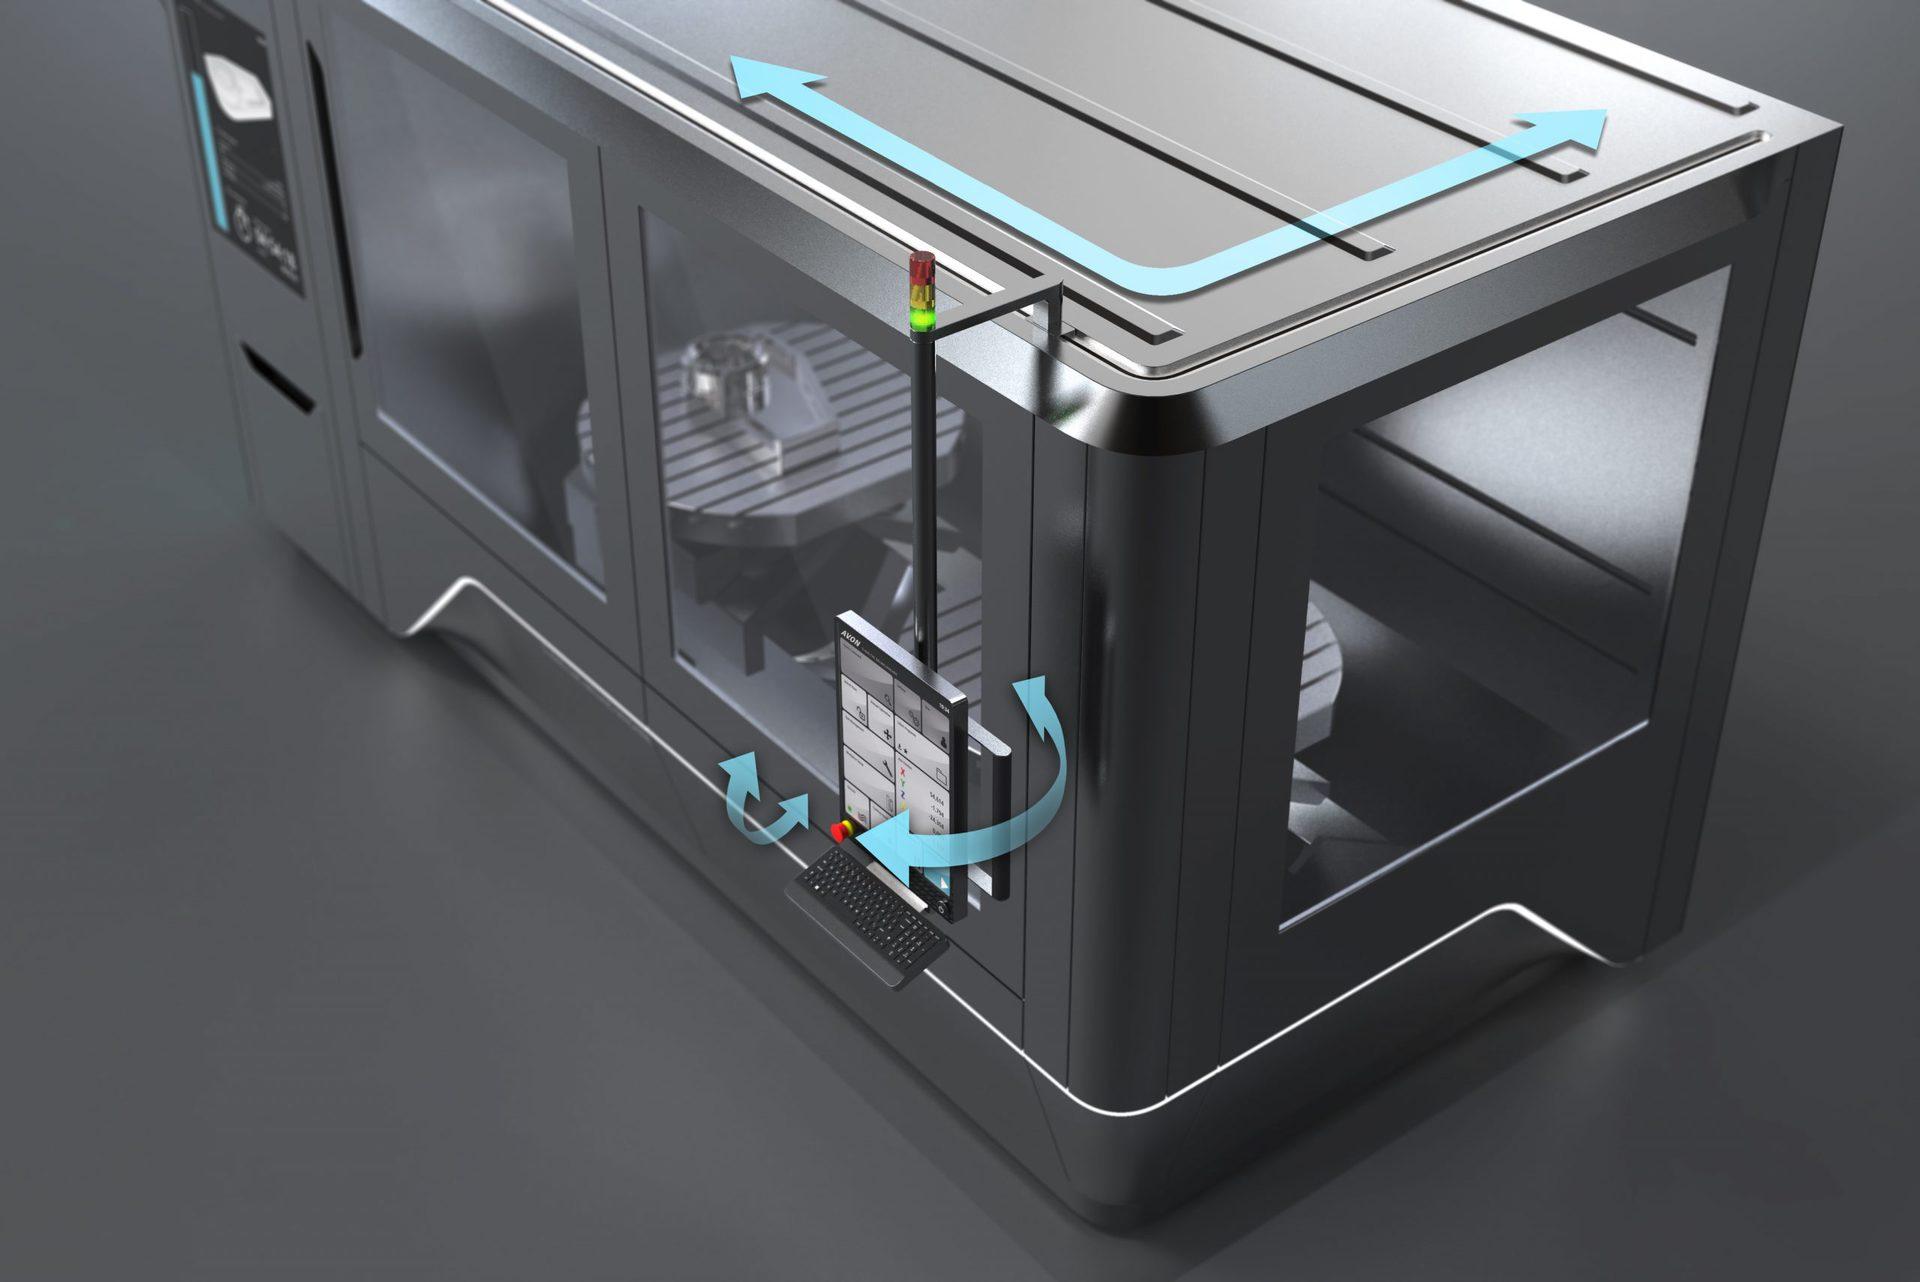 projekter_industrial_design_bearbeitungszentrum_bedienpanel